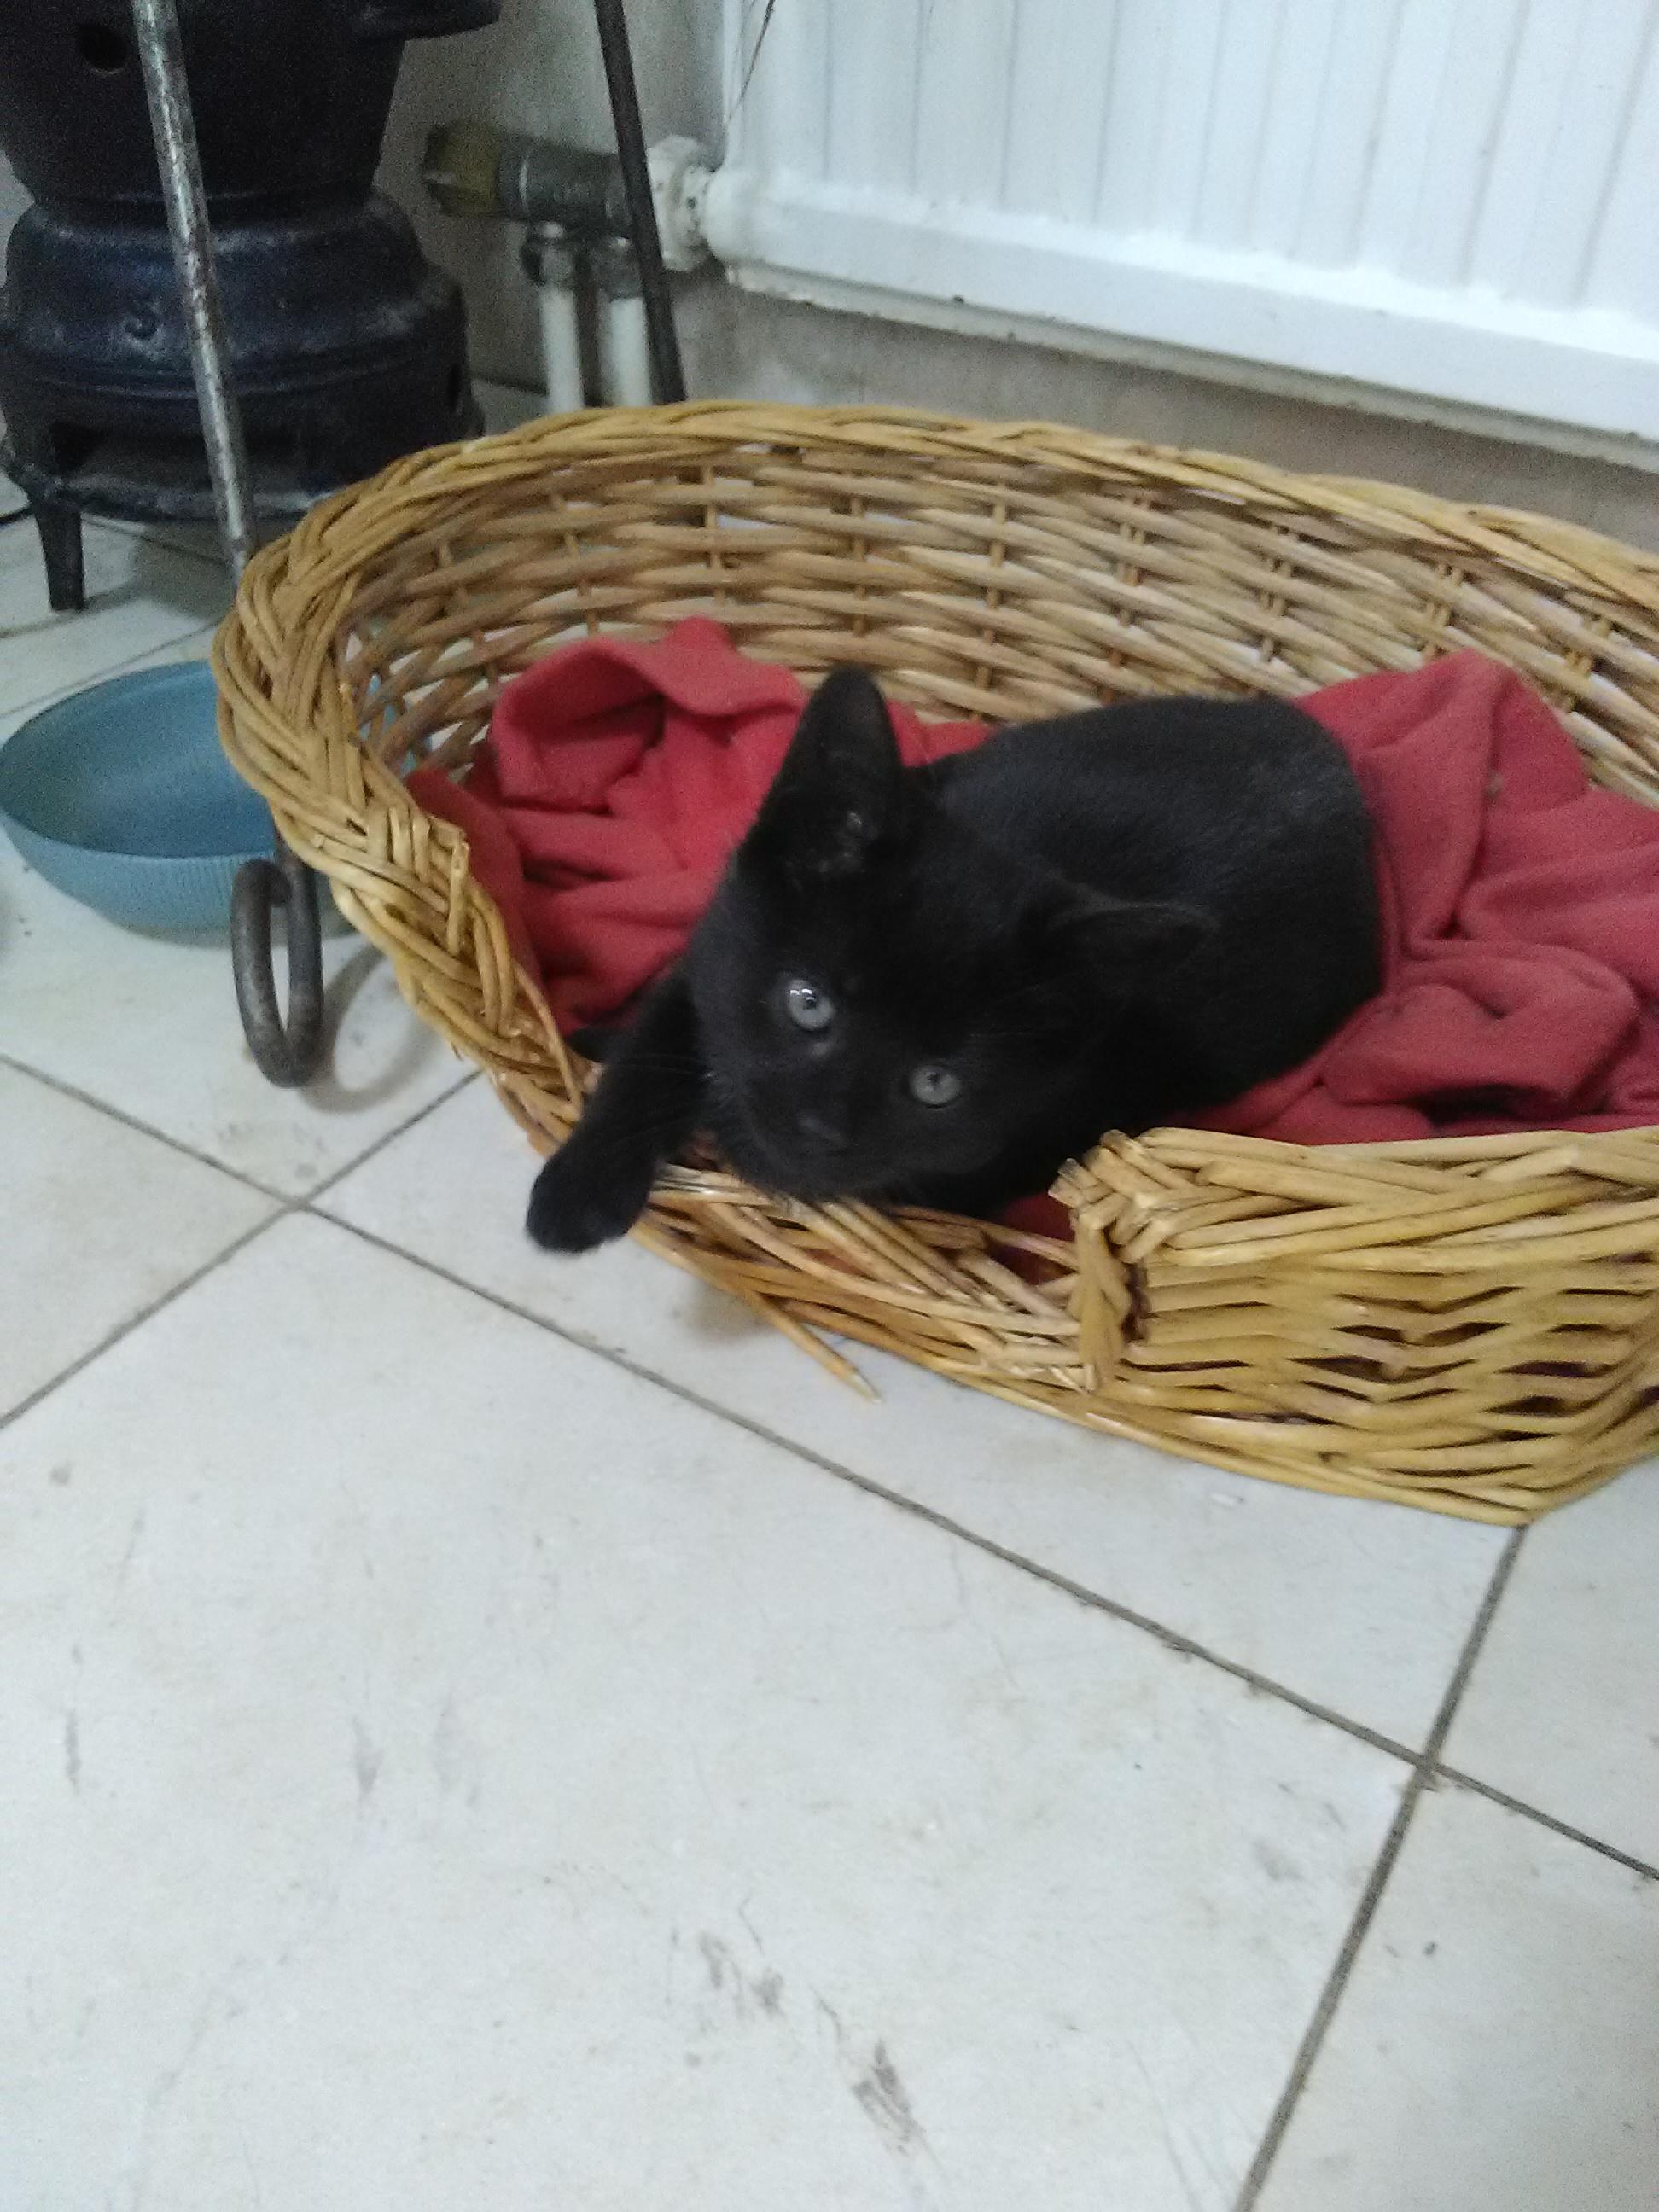 Recherche famille d'accueil temporaire pour chaton